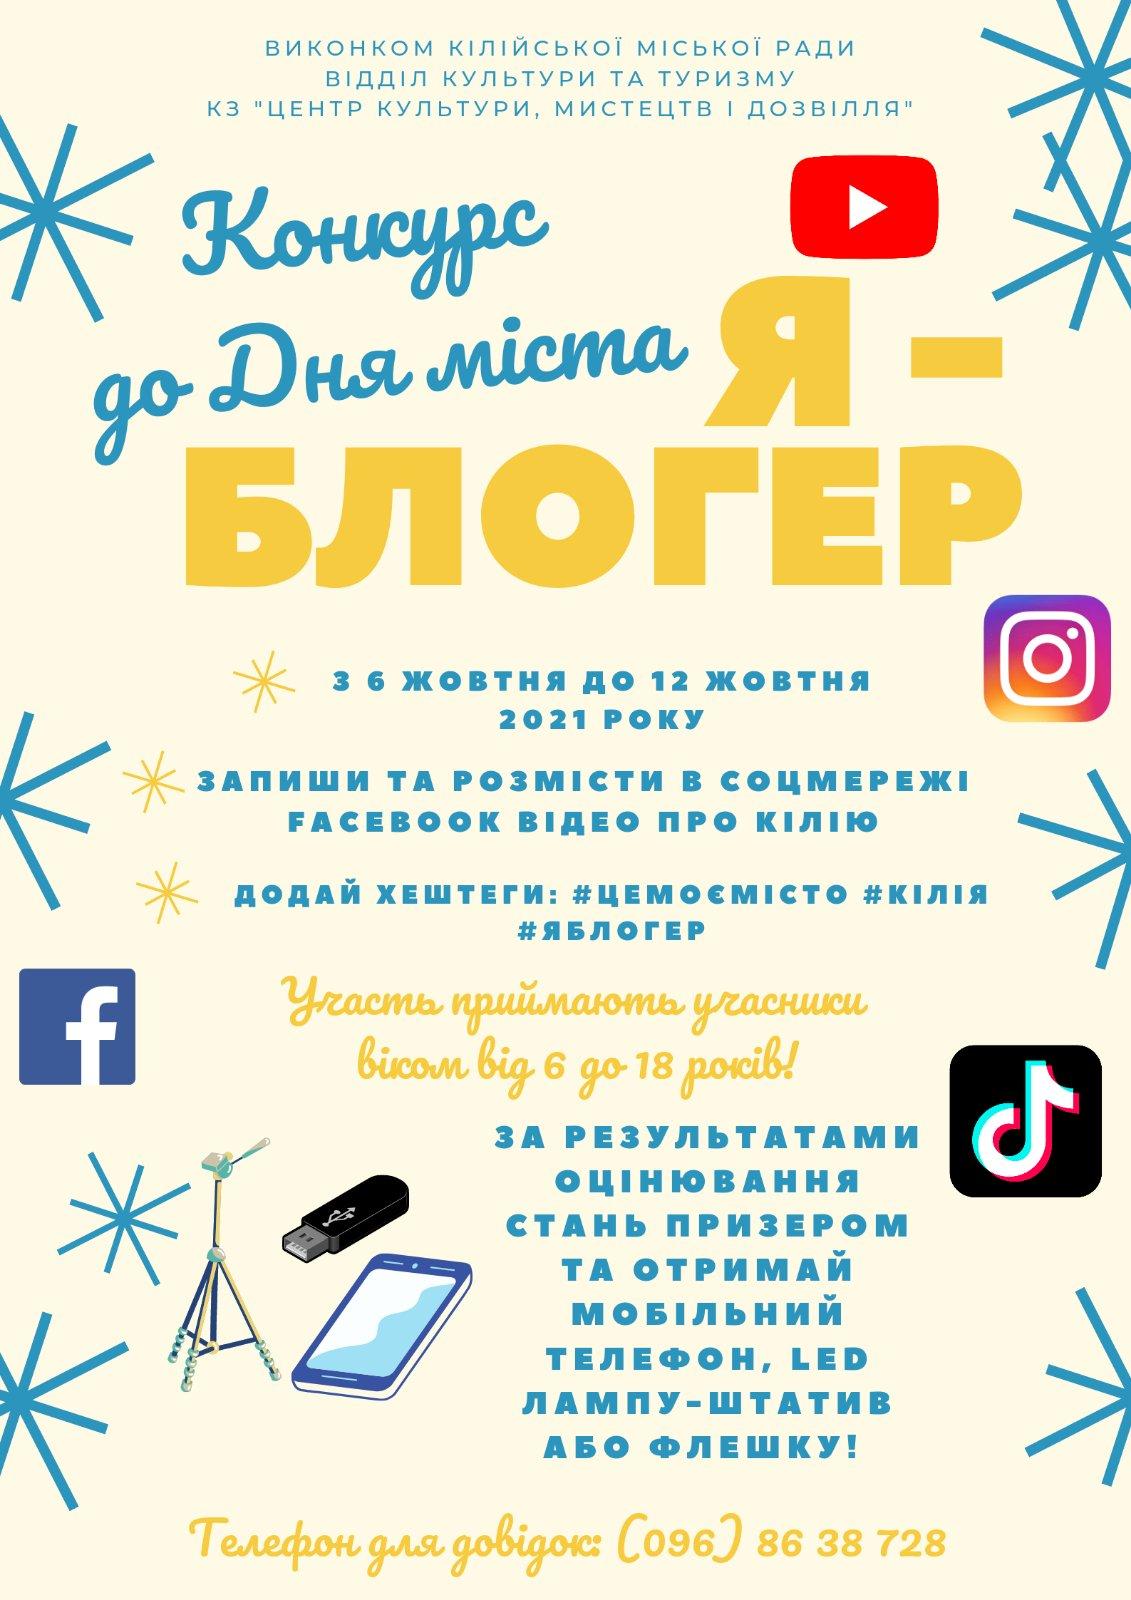 В Килии ко Дню города объявлен видео-конкурс. Главный приз - телефон